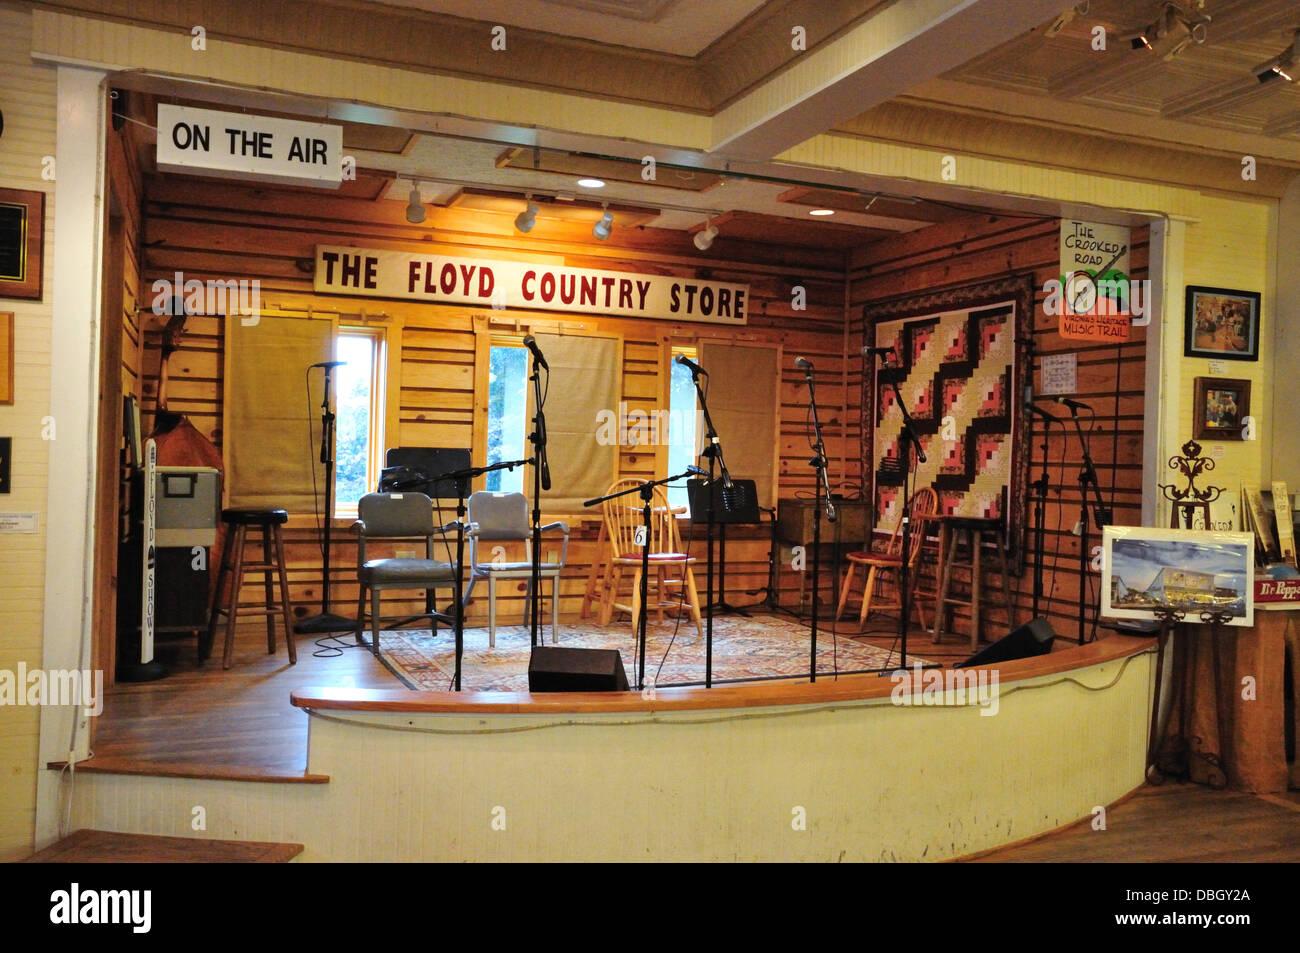 Pour les émissions de radio à la Floyd Country Store, Floyd, Virginie Banque D'Images